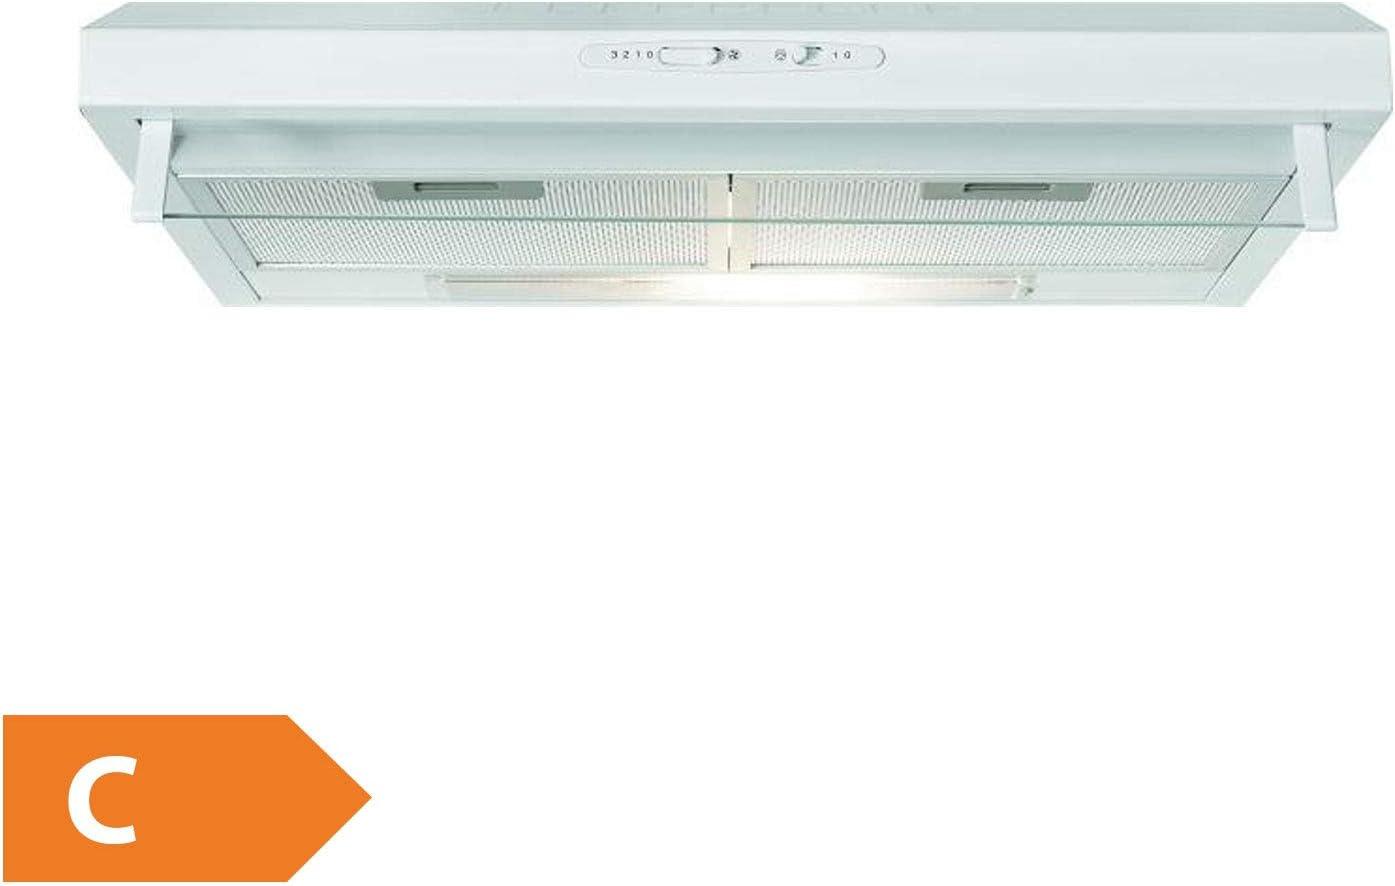 Bomann DU 623.3 Campana extractora 60cm, recirculación de Aire o por conducto, 3 Niveles Potencia, filtros extraibles de Aluminio Lavables, Blanca